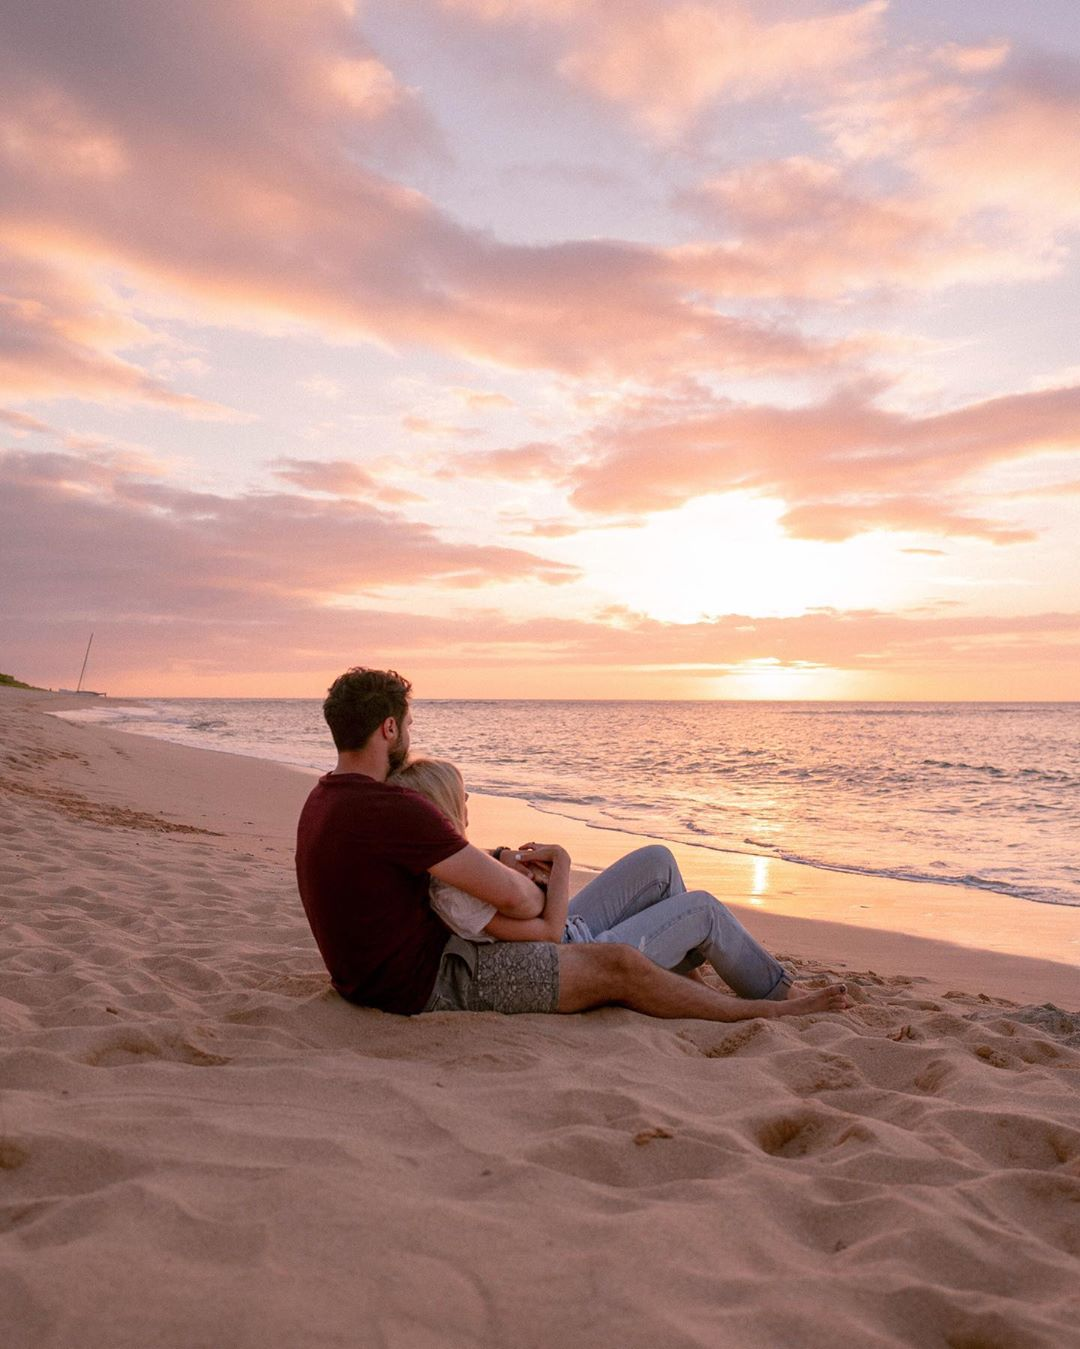 du lịch biển-cặp đôi ngắm hoàng hôn trên biển sunset